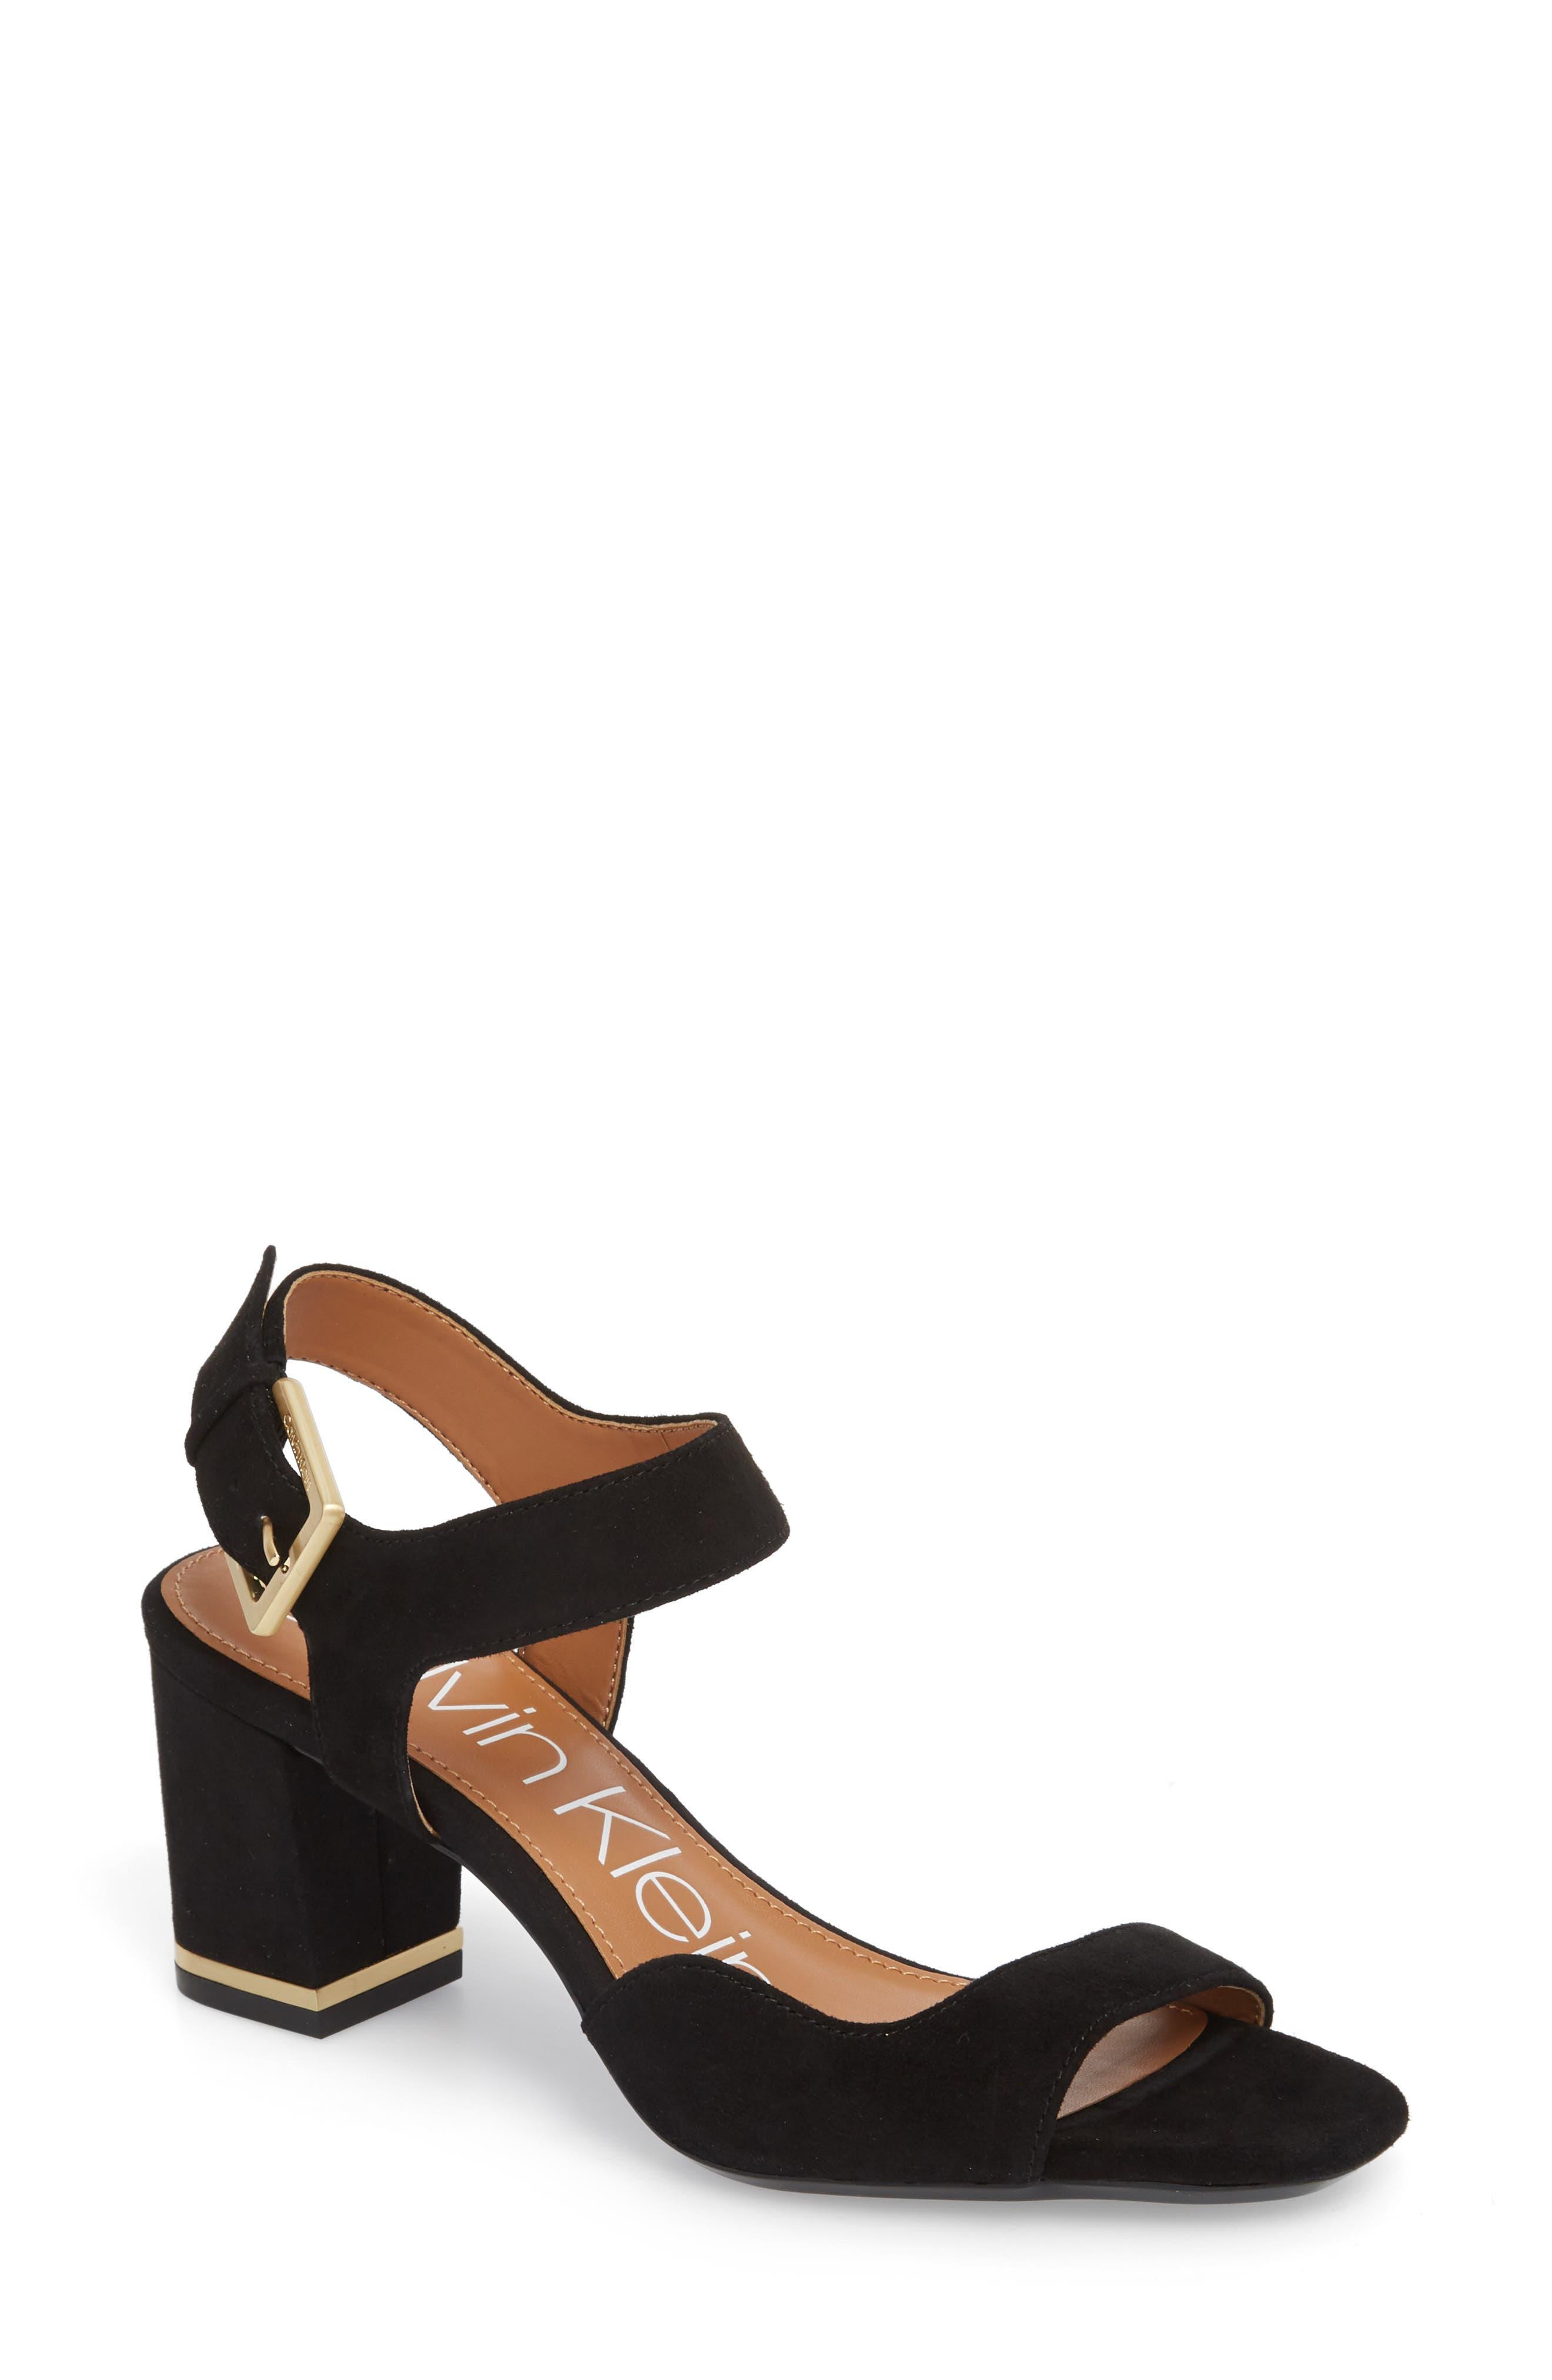 Chantay Asymmetrical Sandal,                             Main thumbnail 1, color,                             001